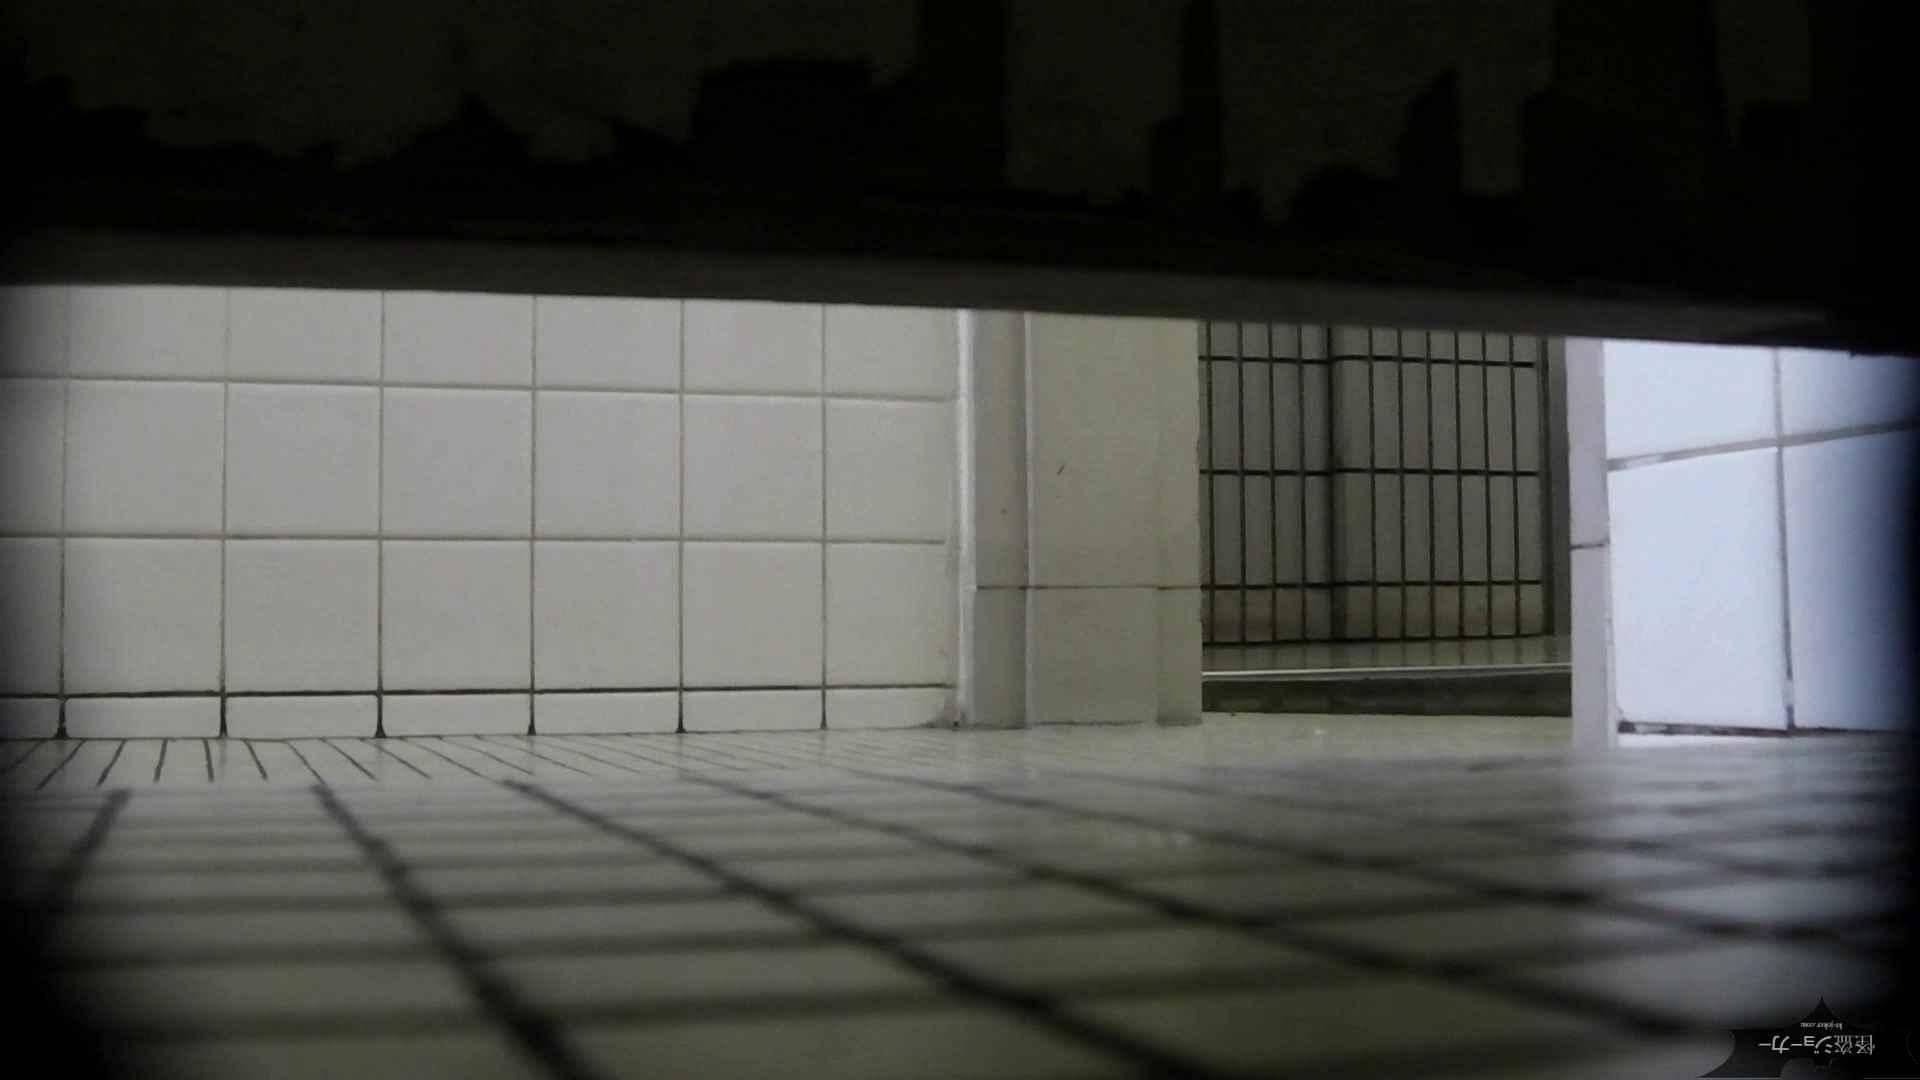 【美しき個室な世界】洗面所特攻隊 vol.051 丸見え おめこ無修正動画無料 100枚 45